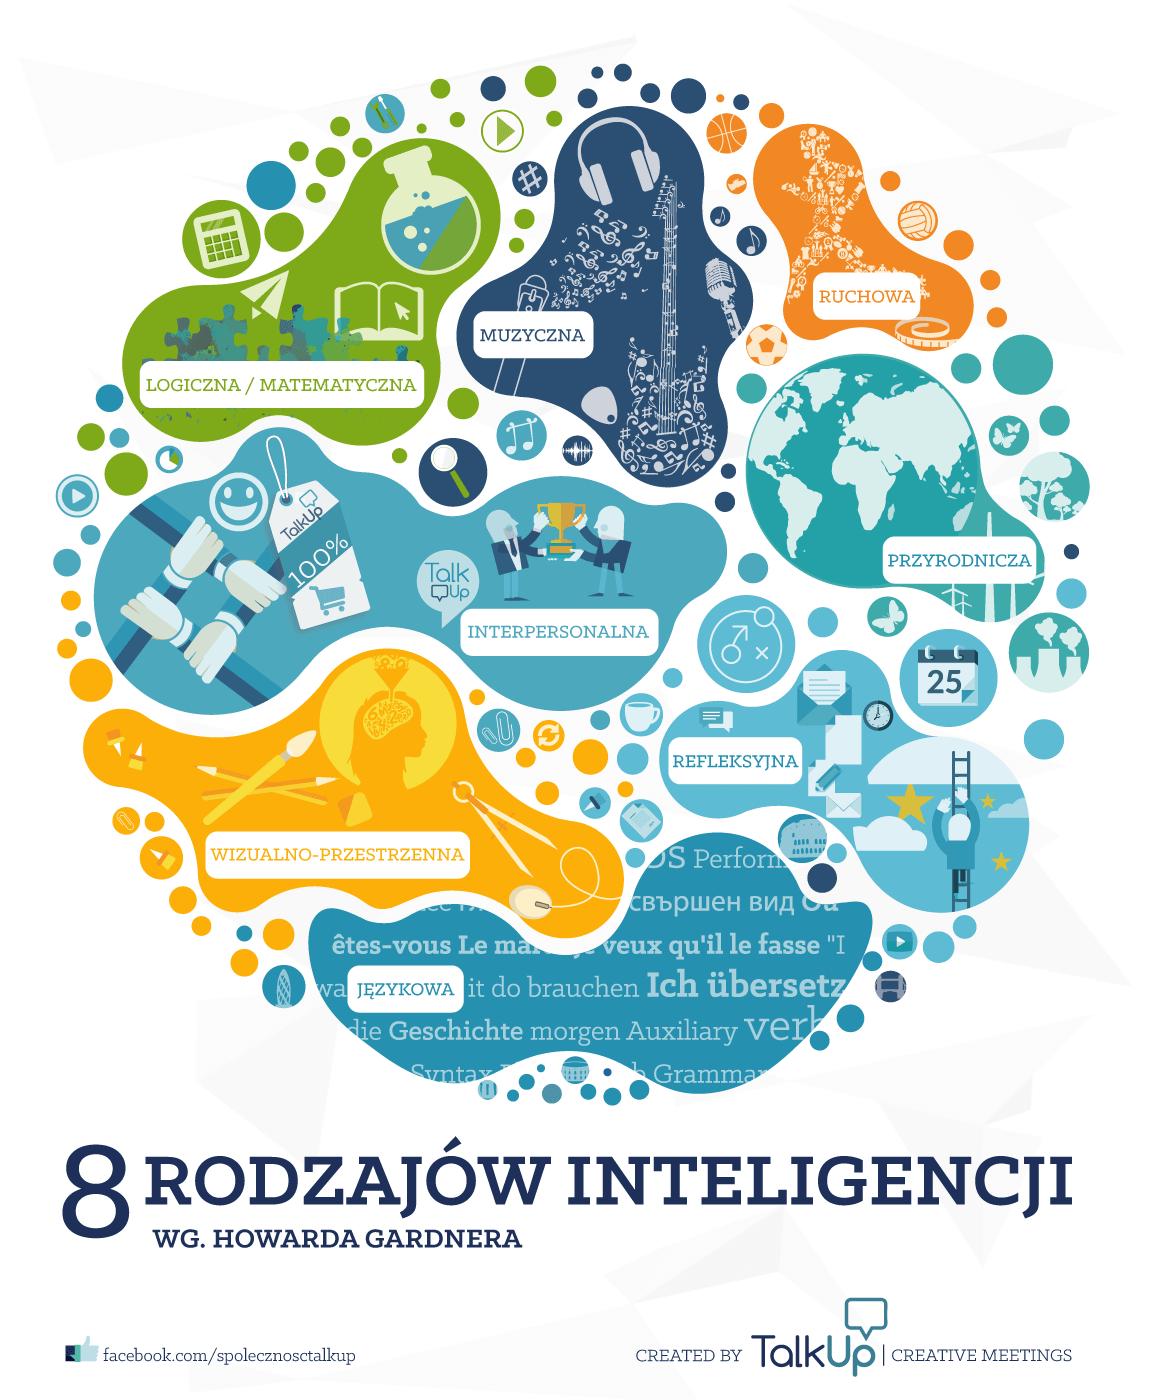 Infografika: Rodzaje inteligencji według Howarda Gardnera